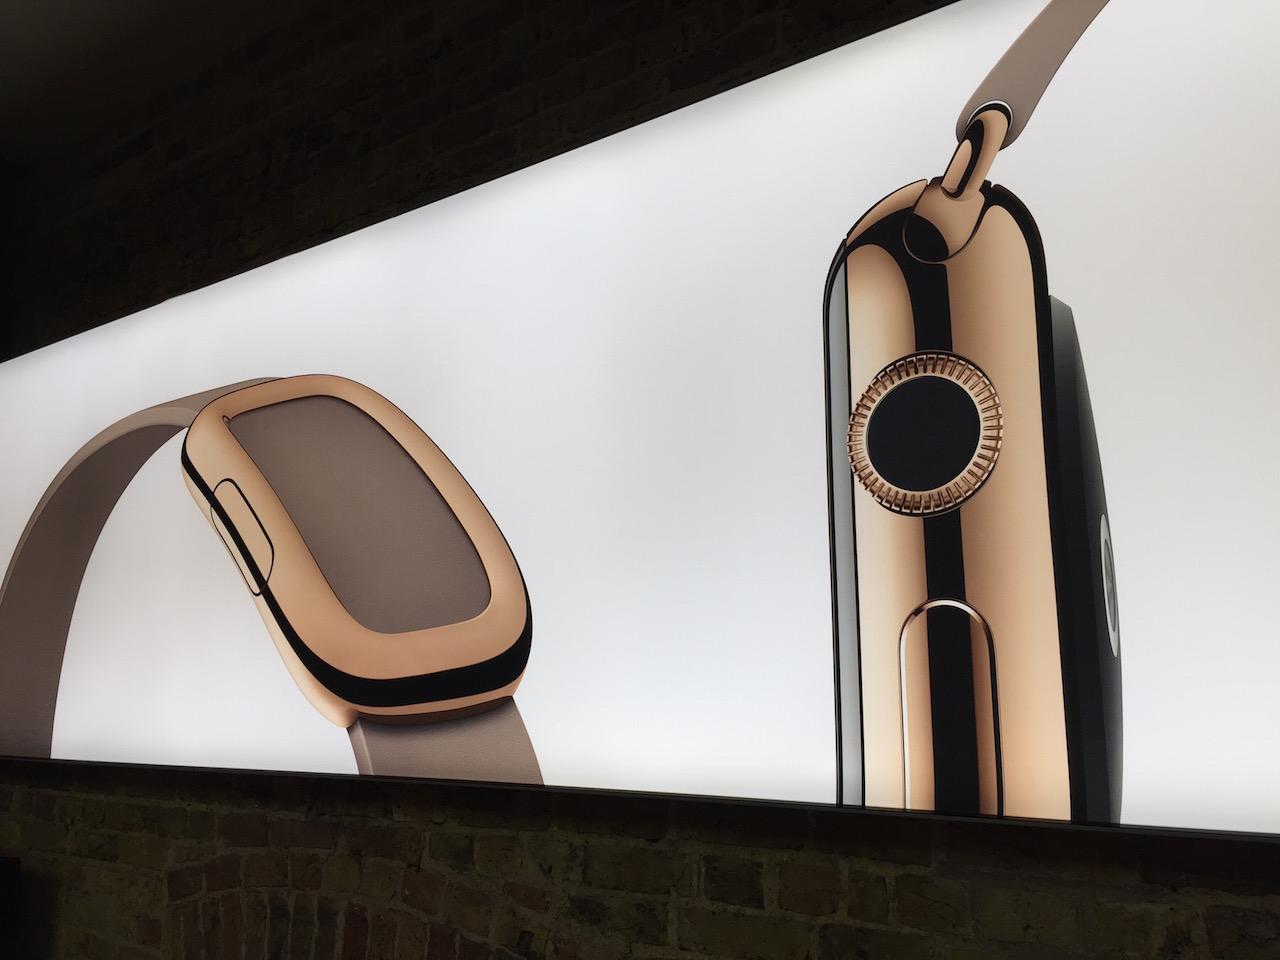 Wielkie przymierzanie zegarków Apple Watch – galeria Spider's Web